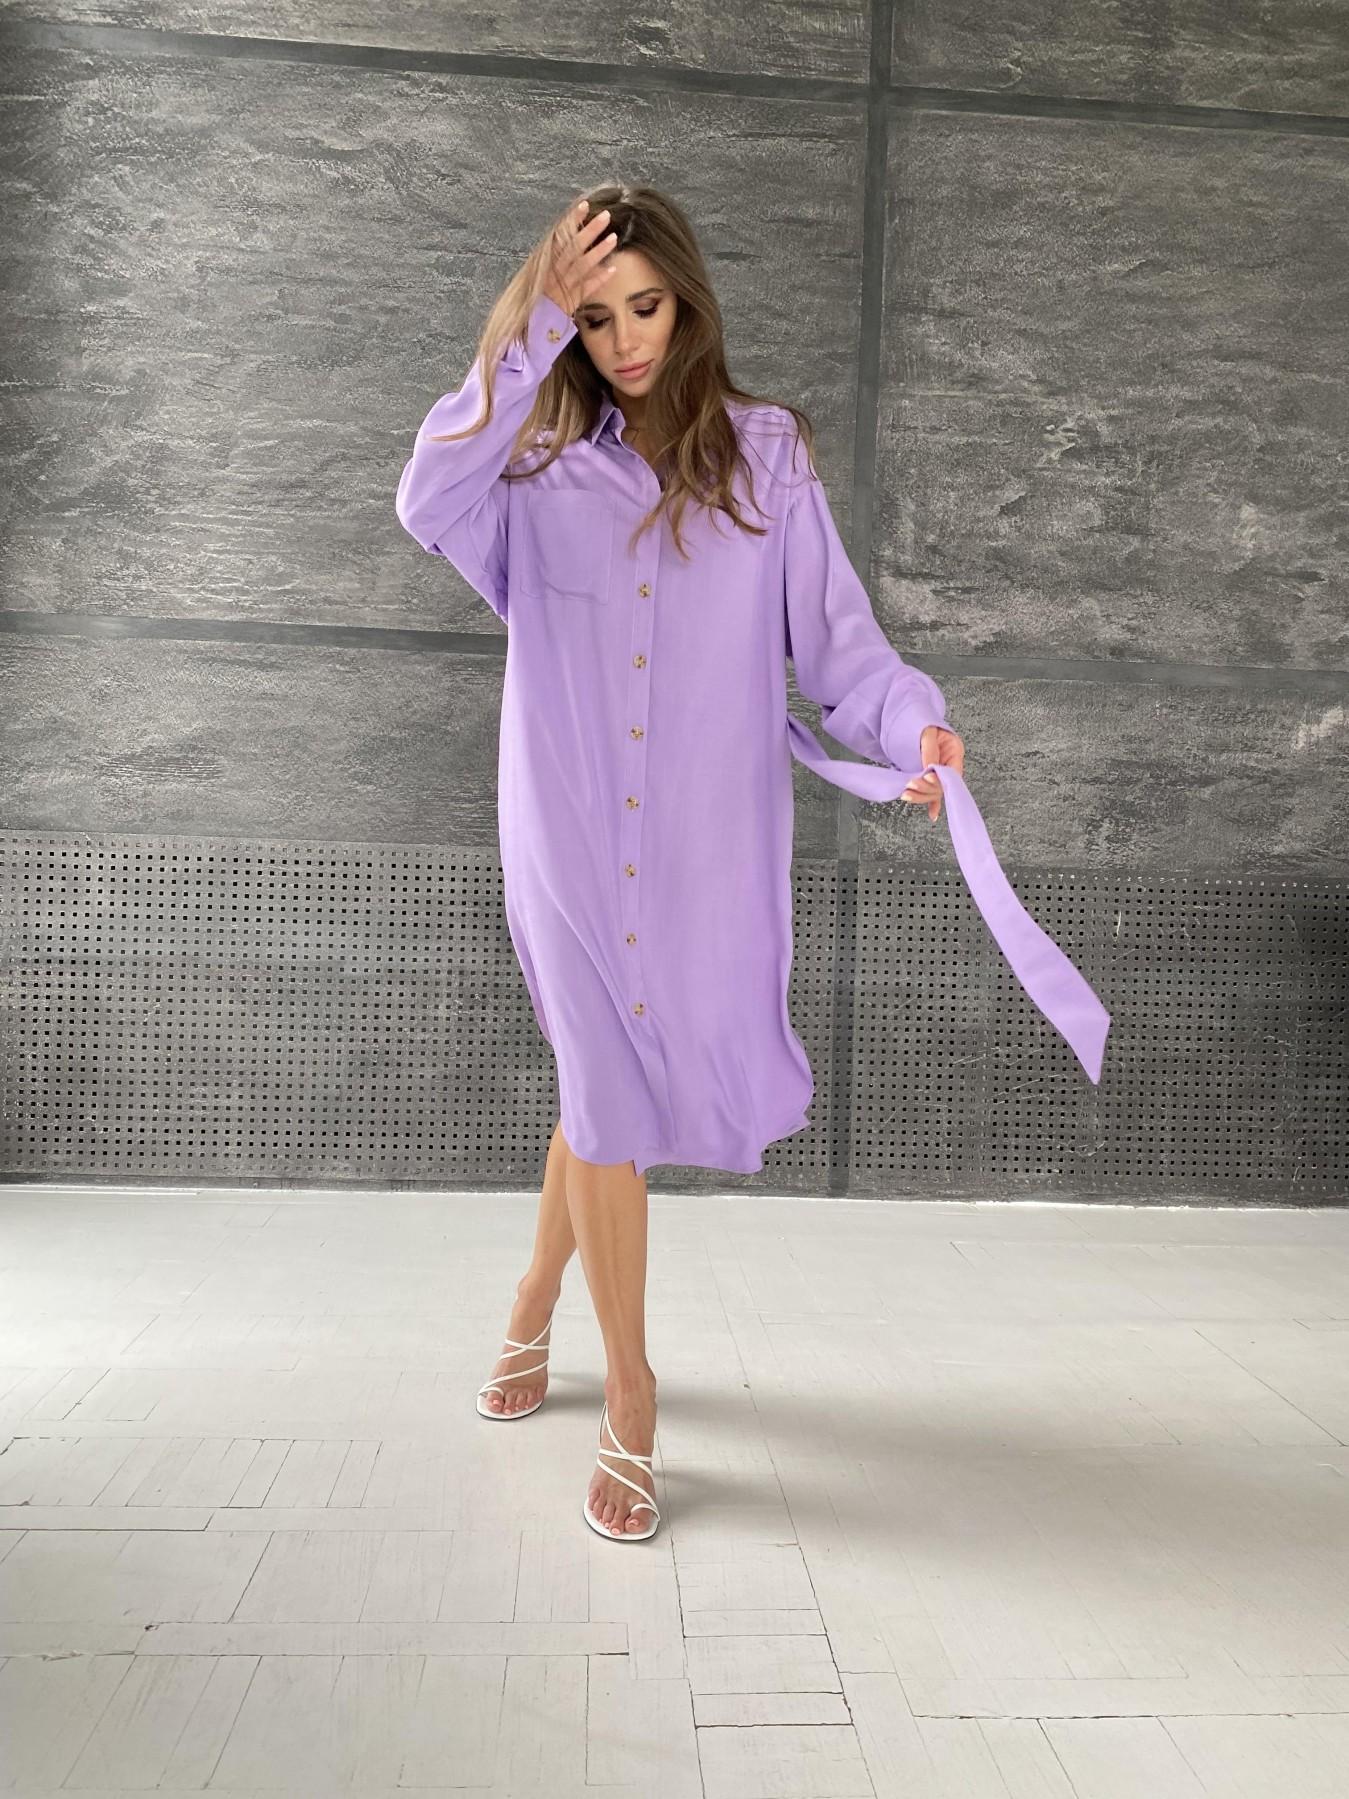 Сиэтл  рубашка миди лен вискоза не стрейч 11607 АРТ. 48288 Цвет: Лаванда - фото 1, интернет магазин tm-modus.ru